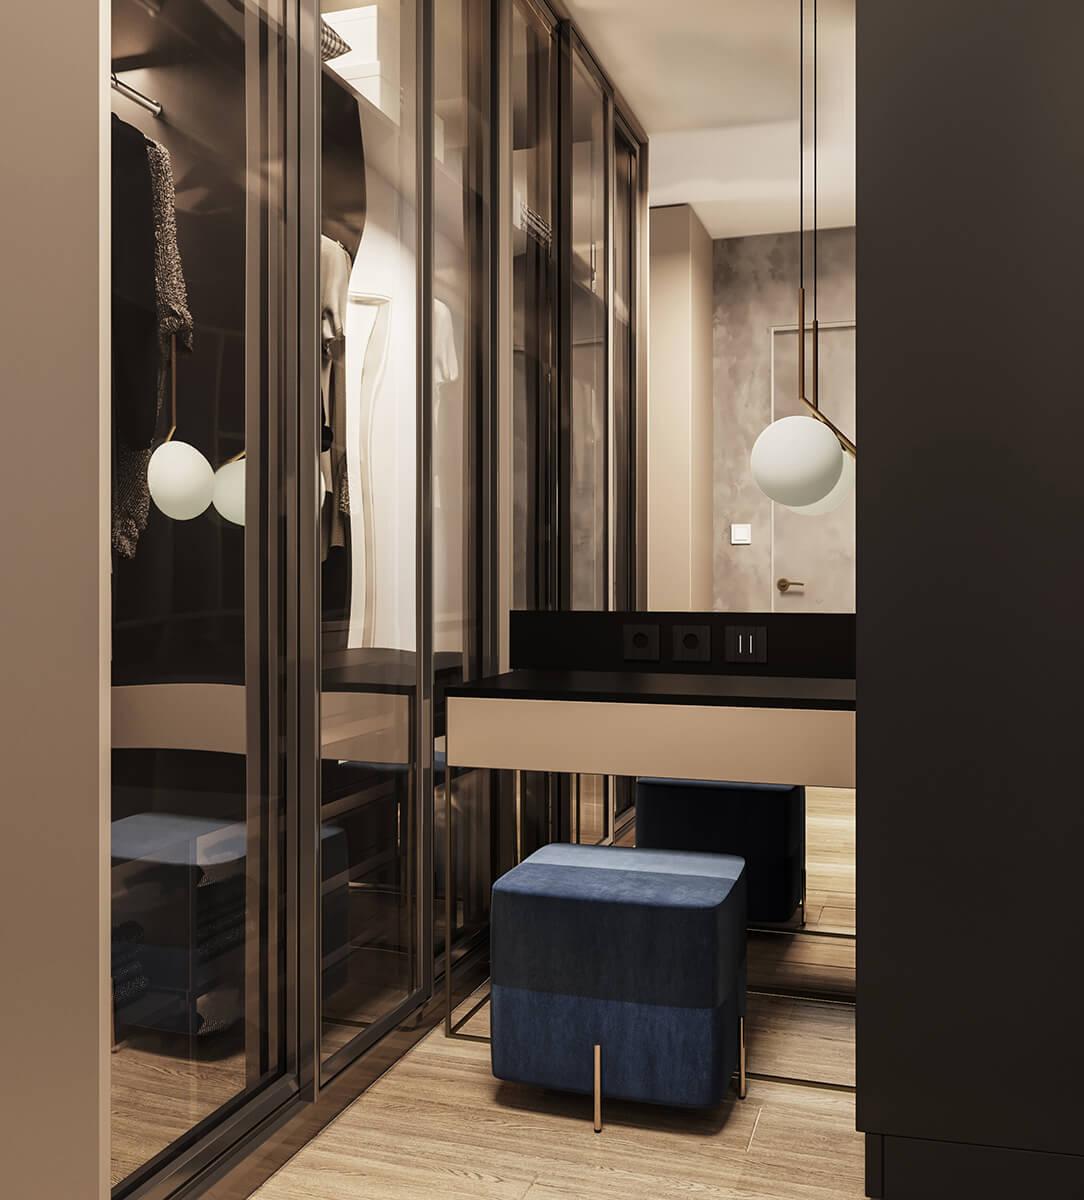 interiorendizain-proekt-na-spalnya-s-toaletka-po-poruchka-2